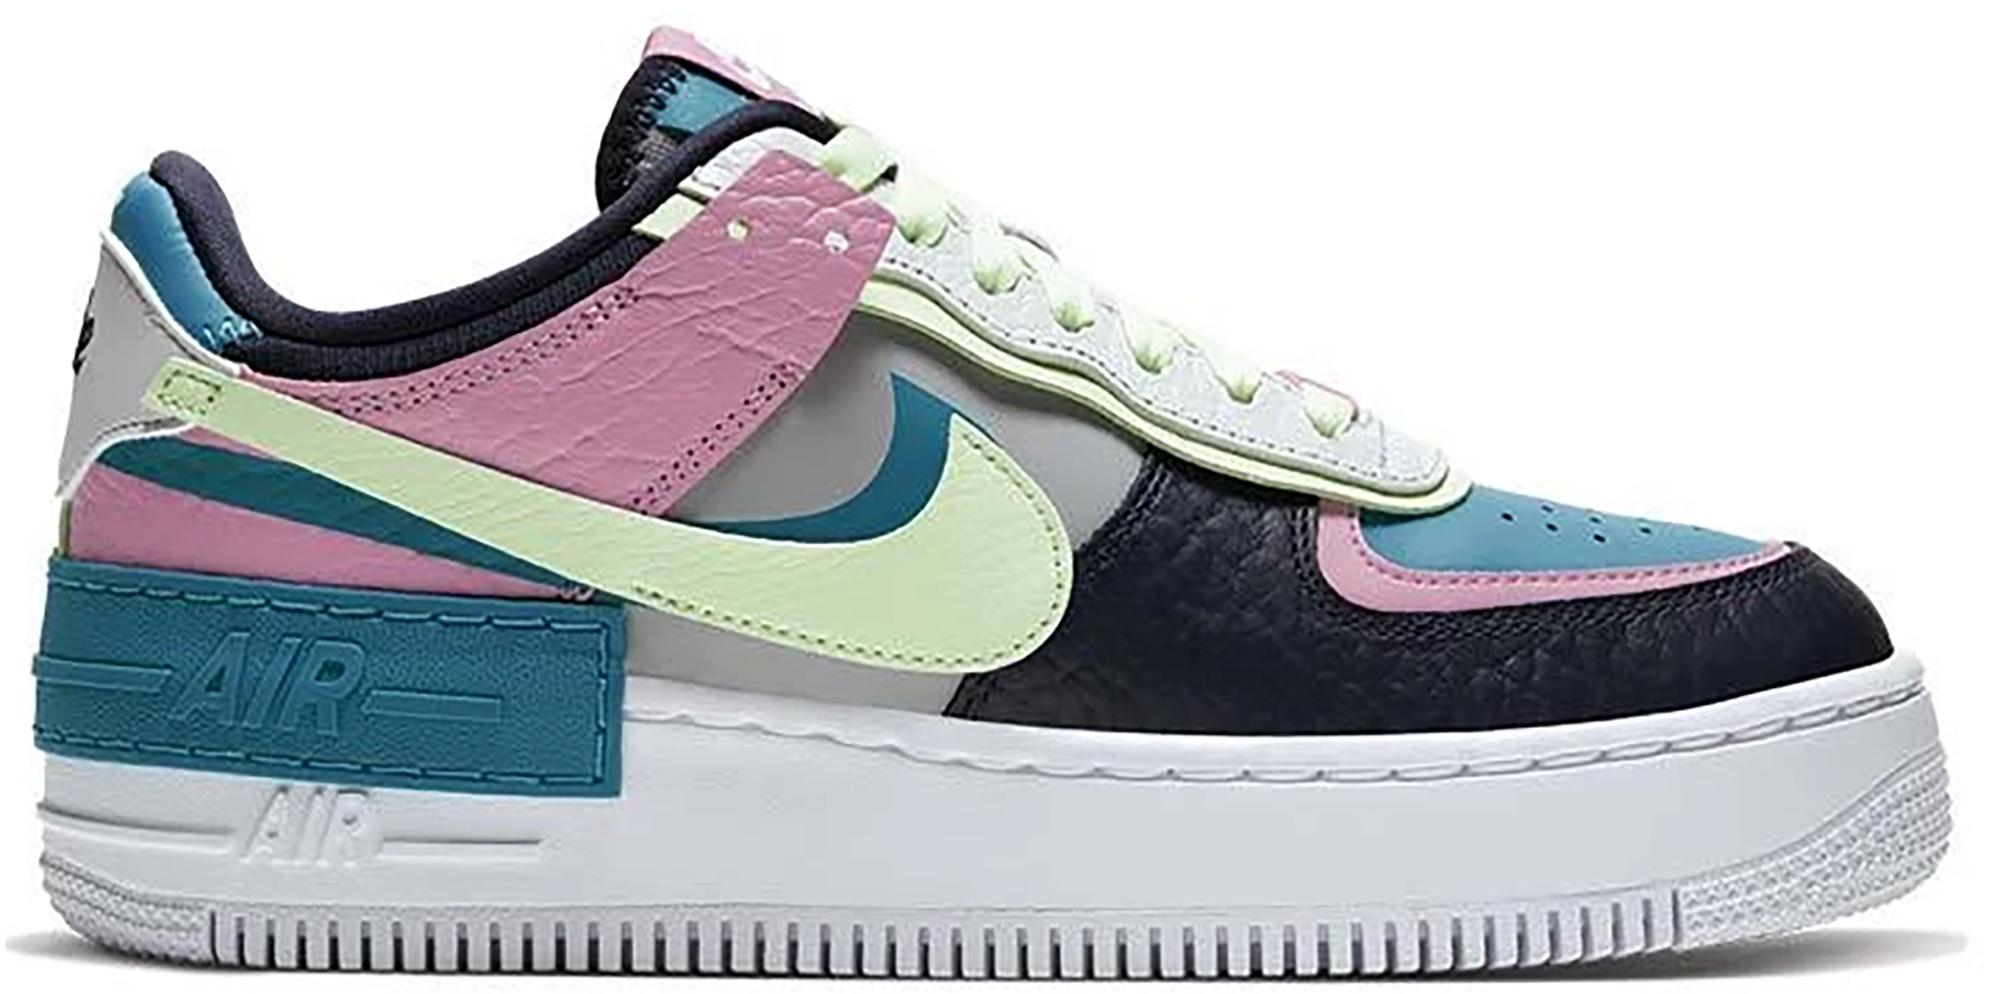 Nike Air Force Shadow Modesens